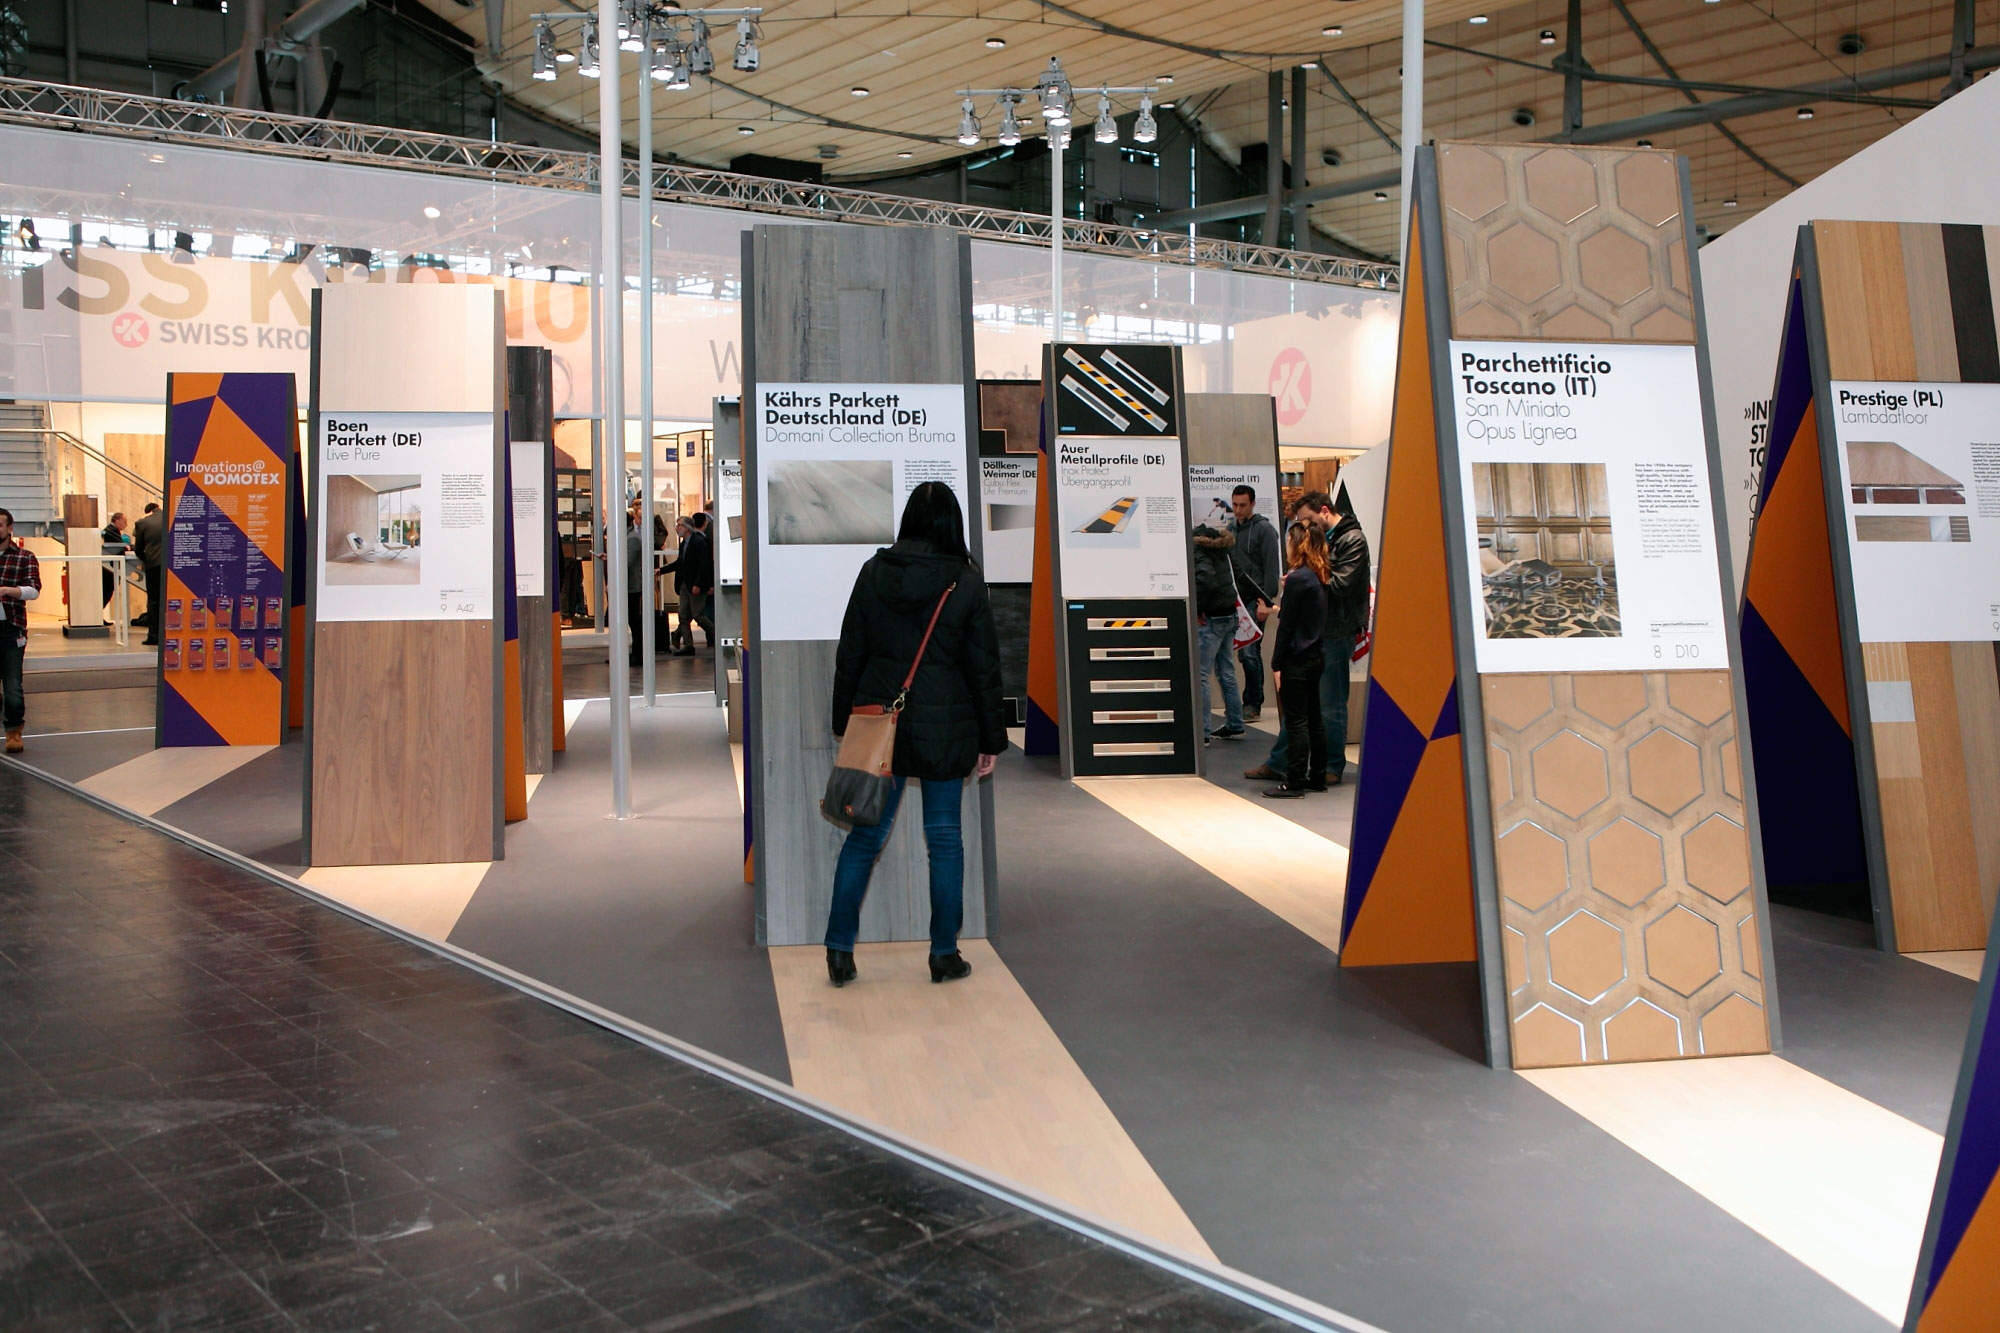 ۵ نمایشگاه ساختمان برتر دنیا که تا ۳ سال آینده برگزار خواهند شد